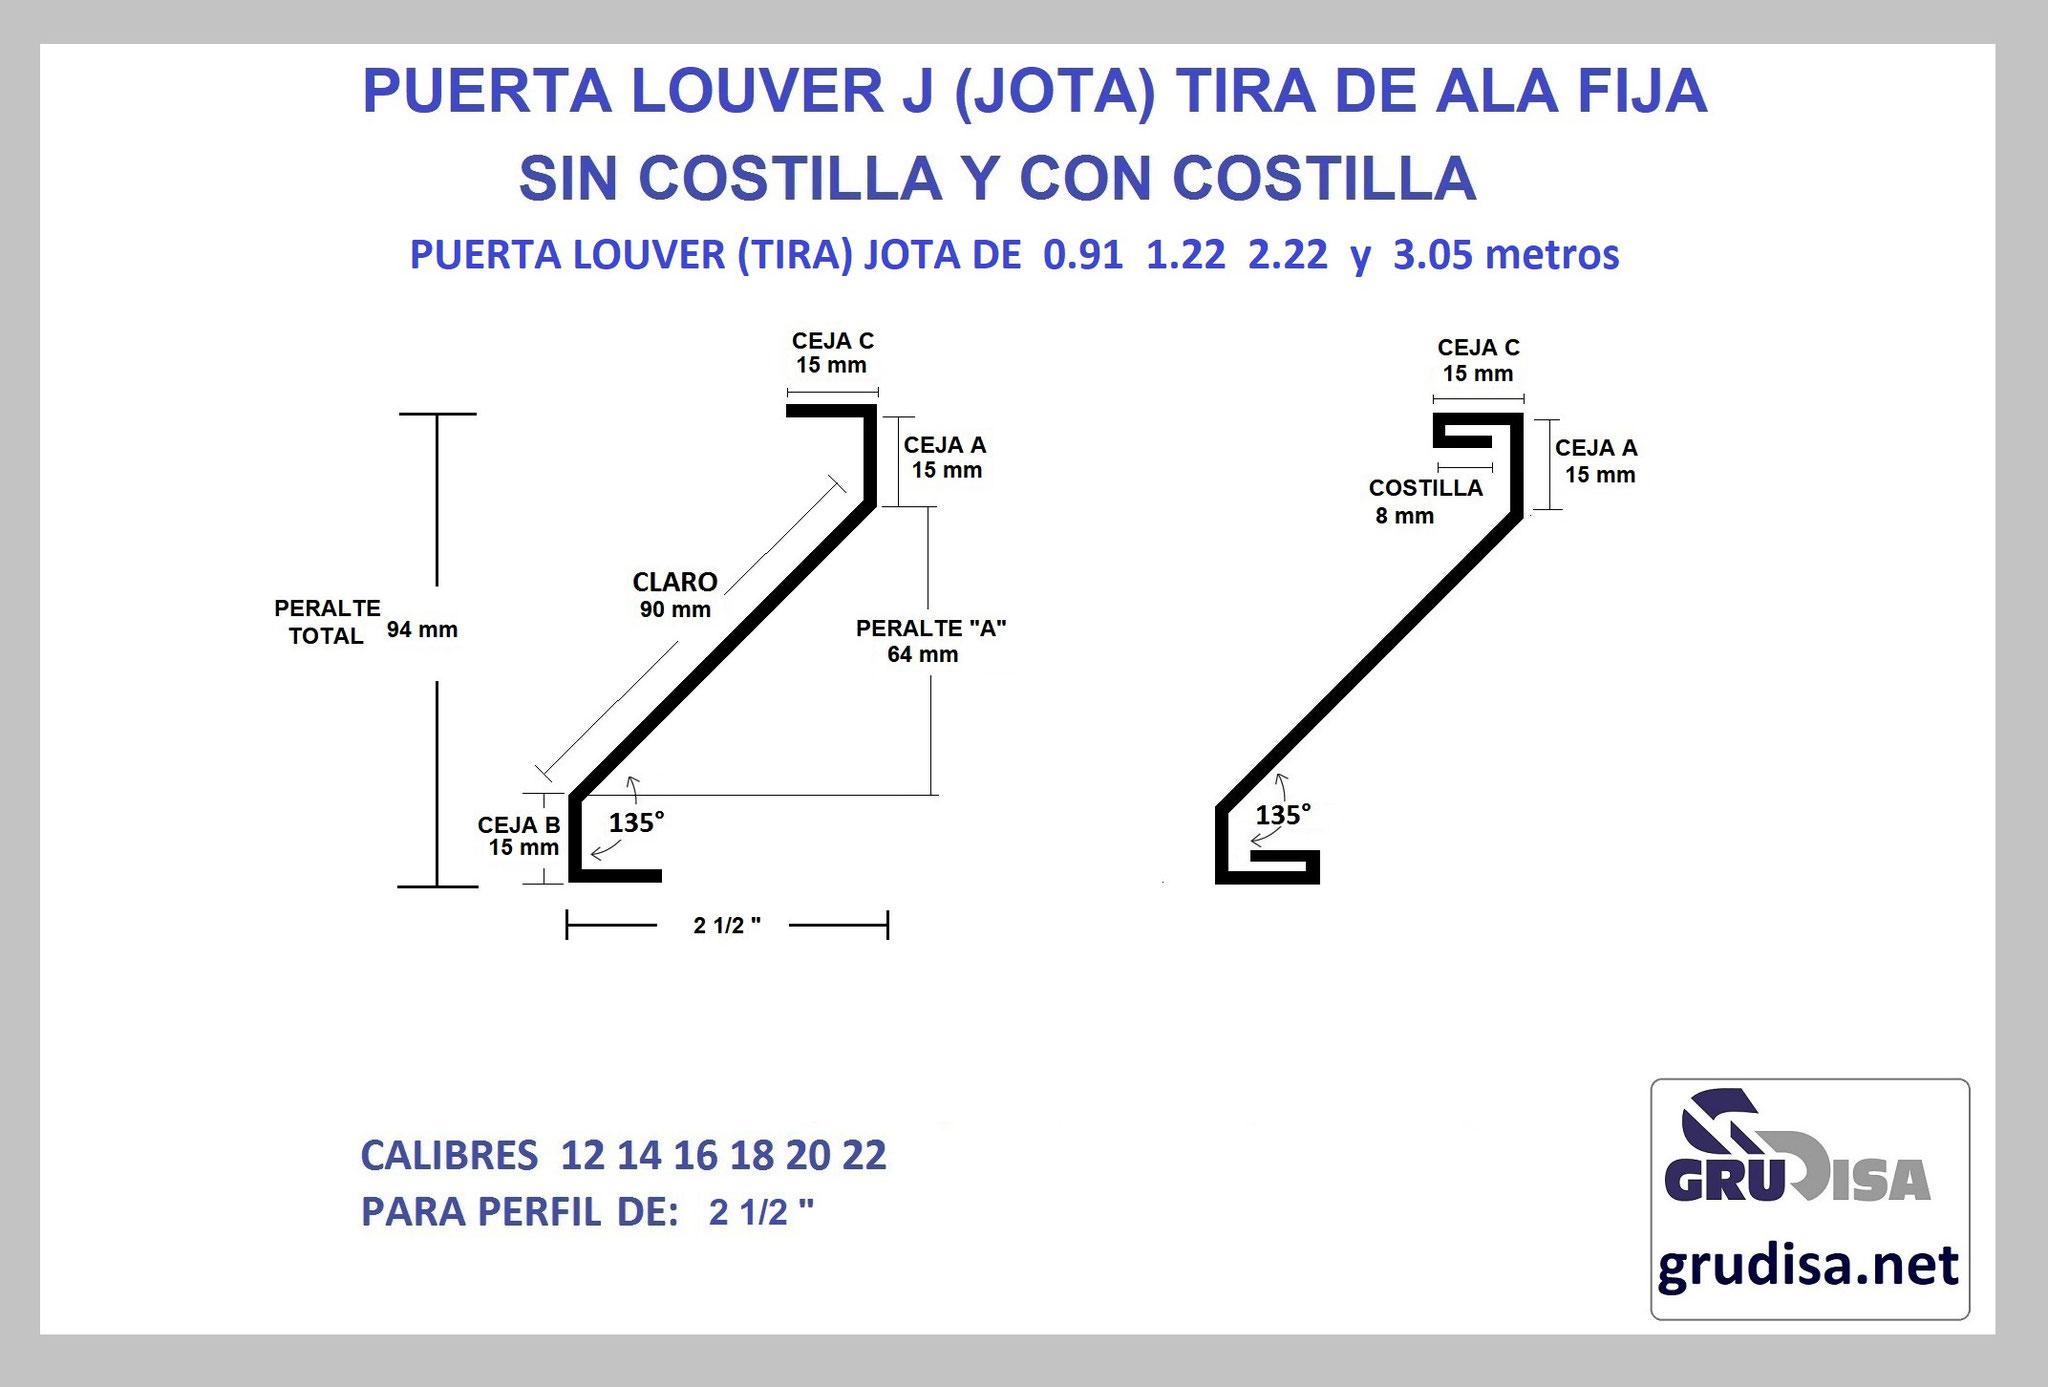 """PUERTA LOUVER (TIRA) J JOTA PARA PERFIL DE 2 1/2"""" CON Y SIN COSTILLA LARGOS DE 0.91  1.22  2.44  y 3.05m"""